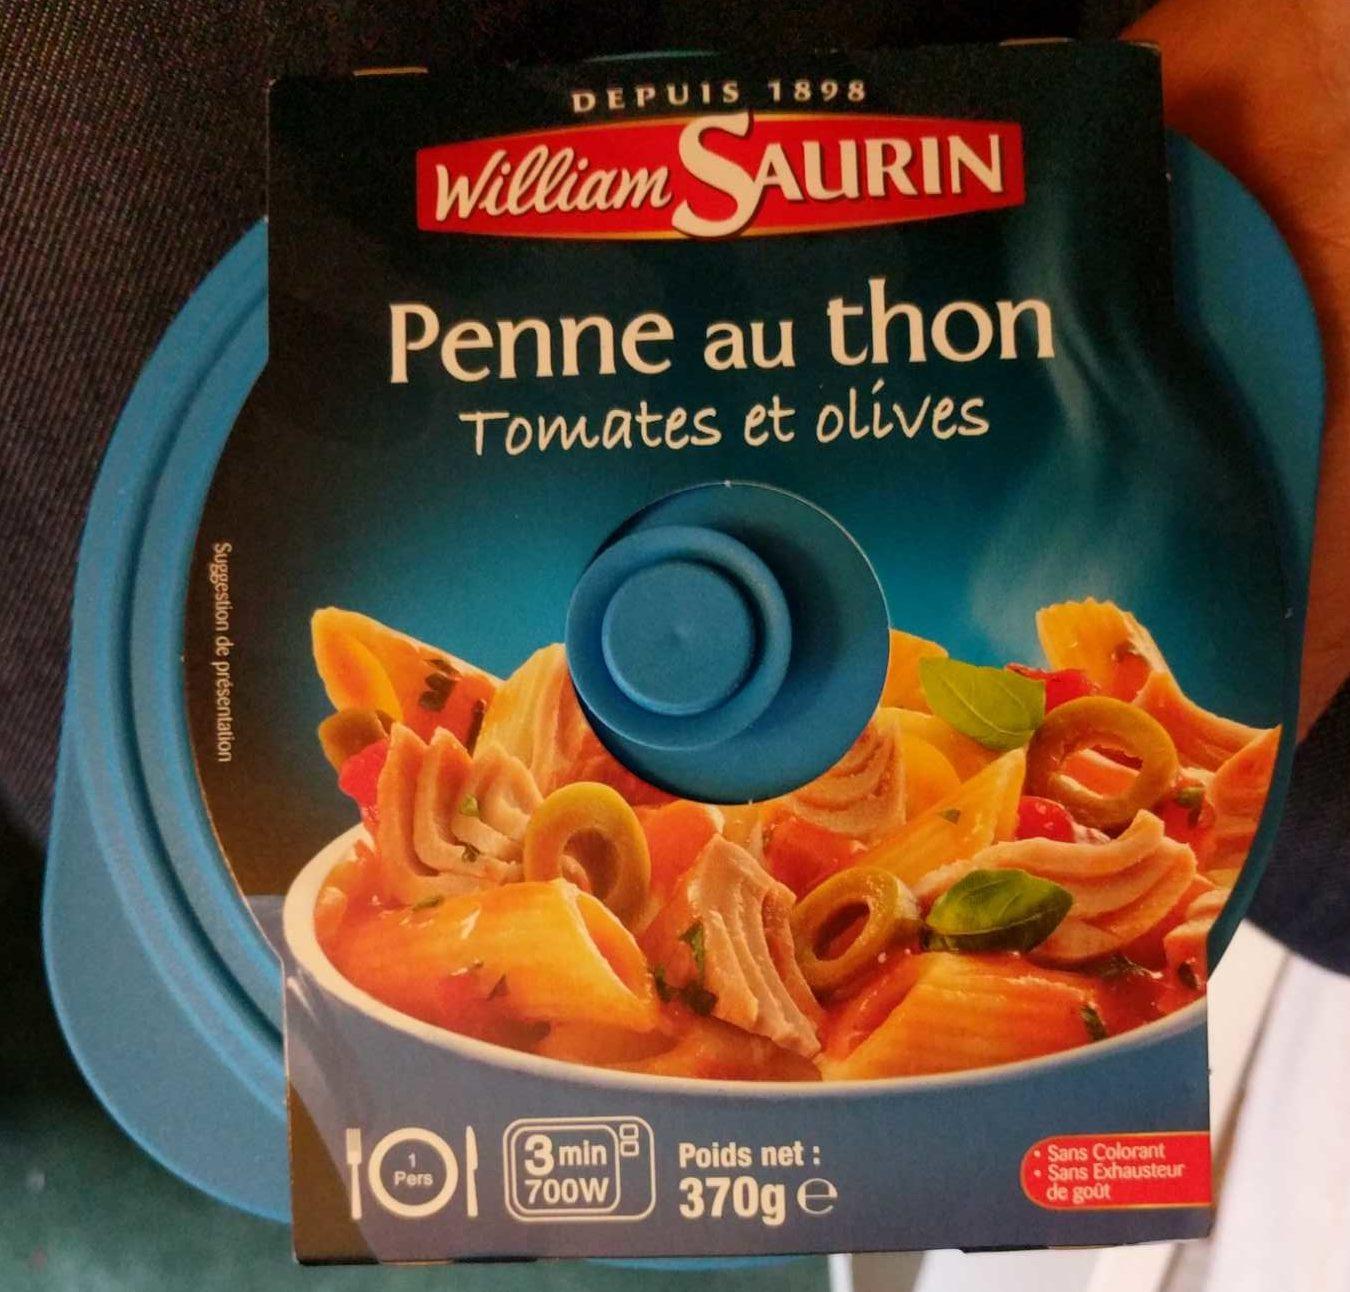 Cocottes pennes au thon tomates et olives - Produit